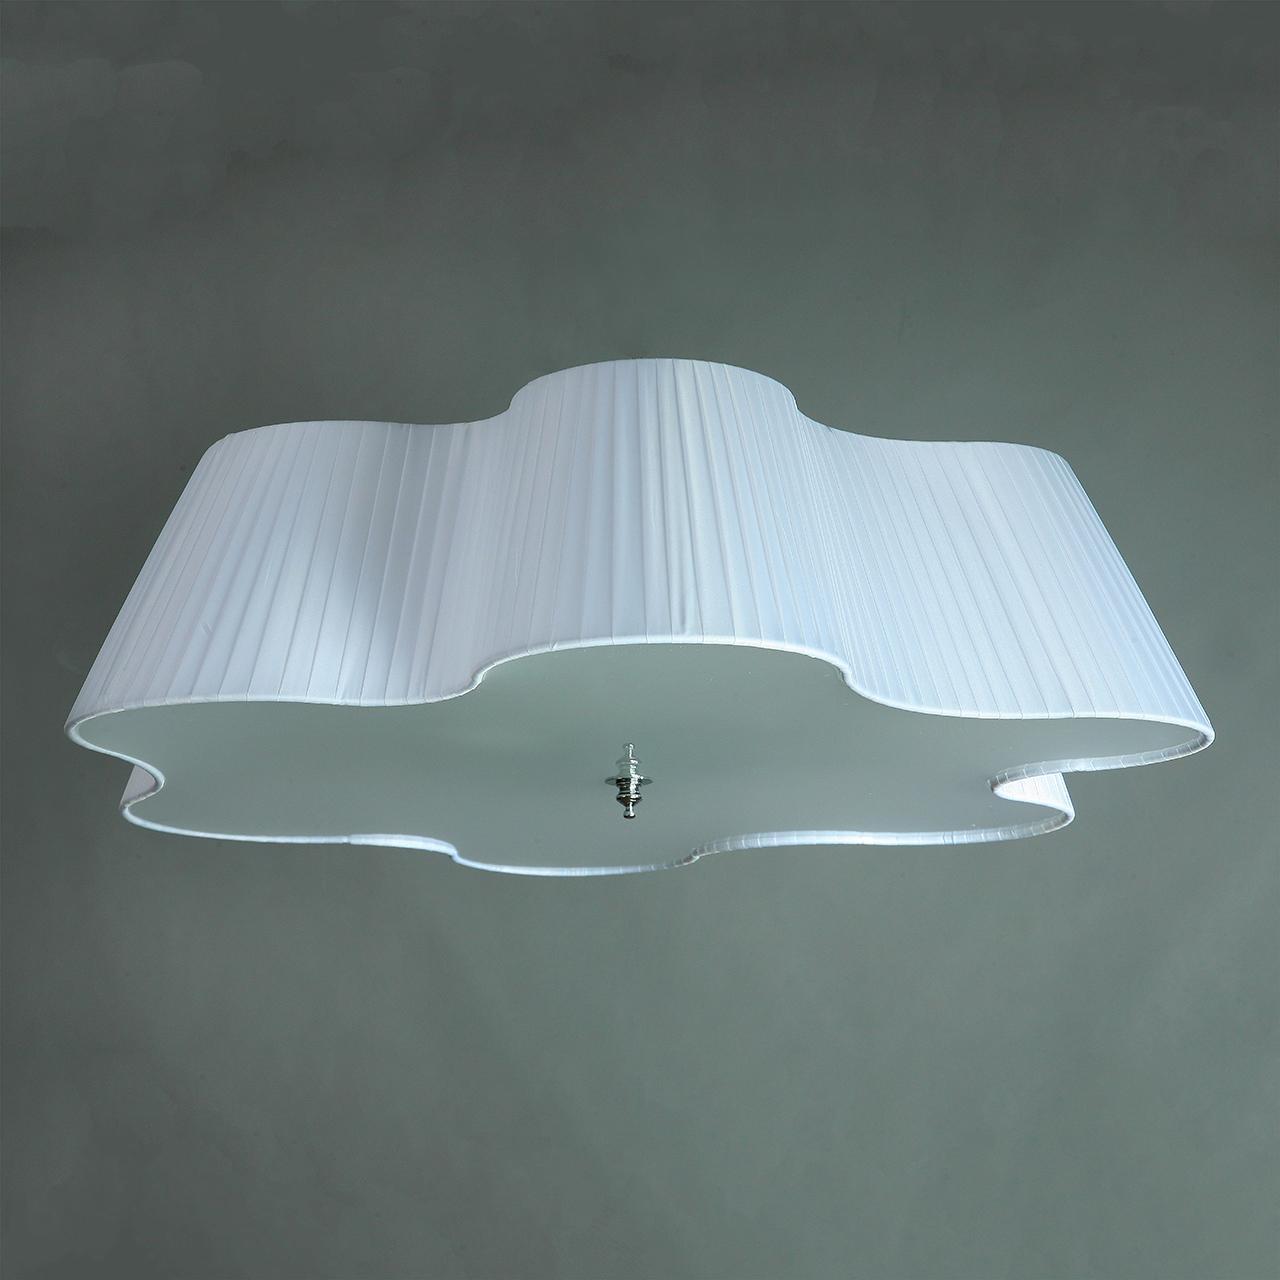 Потолочный светильник Brizzi BX 03203/80 Chrome аксессуар и сопутствующий товар siemens hz 338250